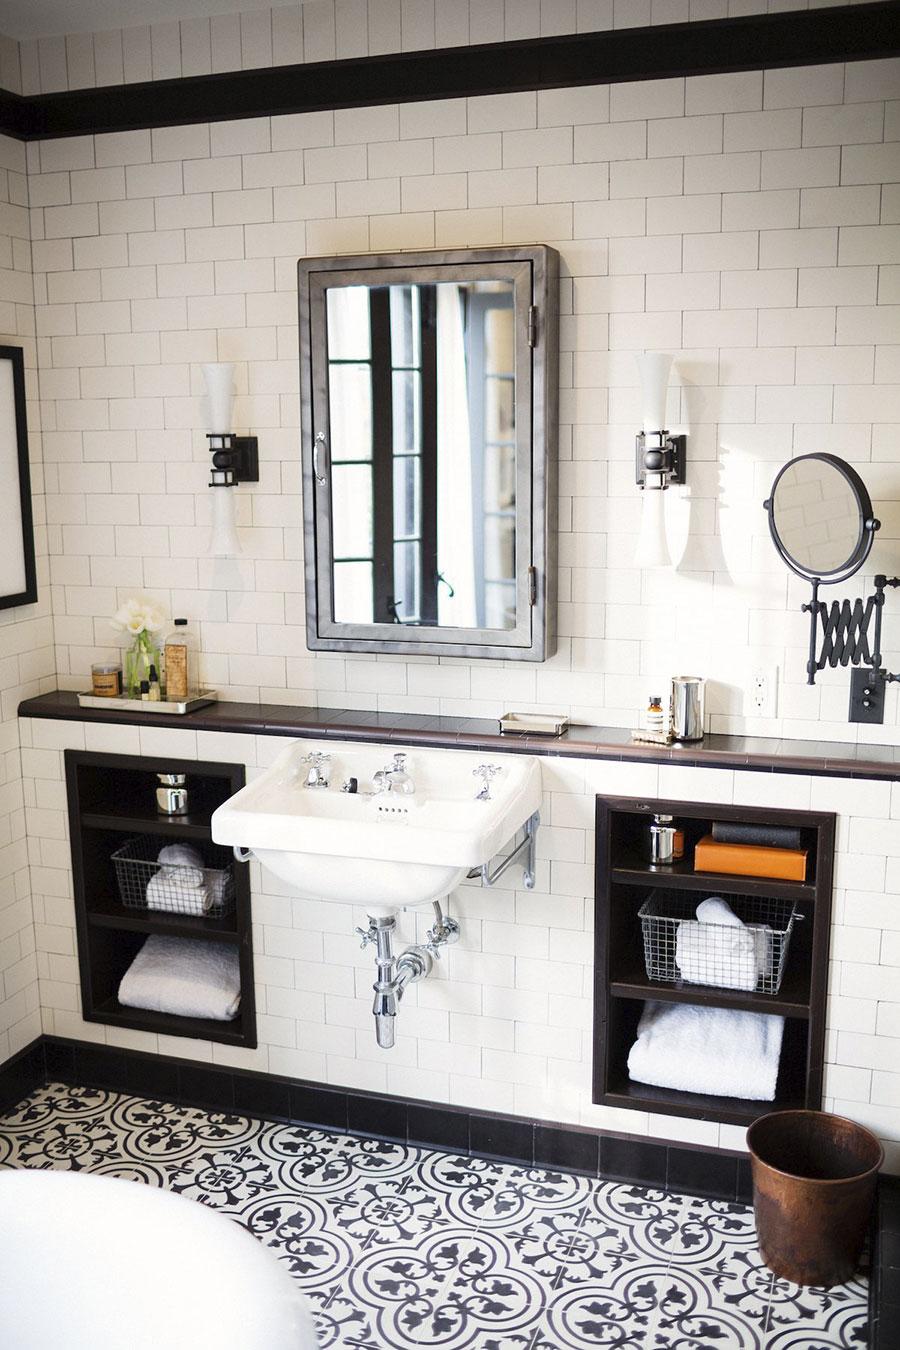 Classic Family Bath | Estanterías de Obra Lavabo a la Vista | Especial Baños Familiares | Tendencias Reformas 2019 | Drékaro